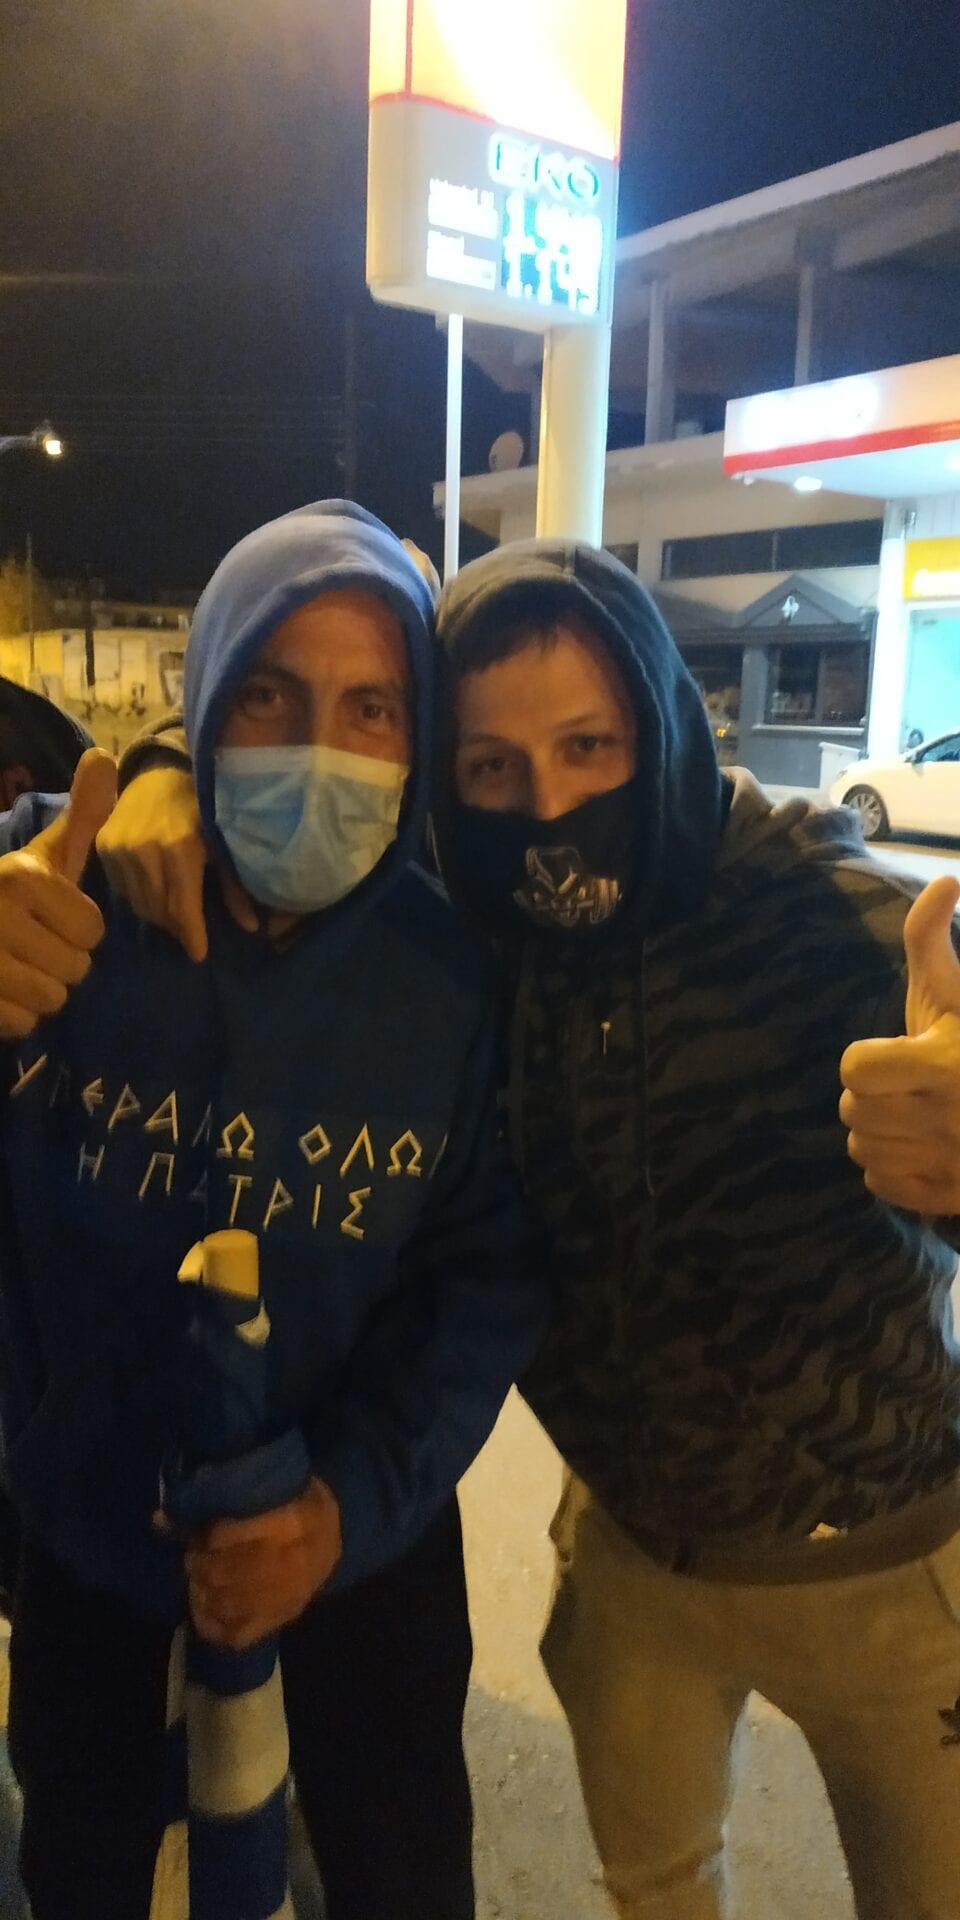 eordaialive.com: Πτολεμαΐδα- ''Όργωσαν'' σχεδόν ολη την Πόλη με τις μηχανές κρατώντας Ελληνικές σημαίες!